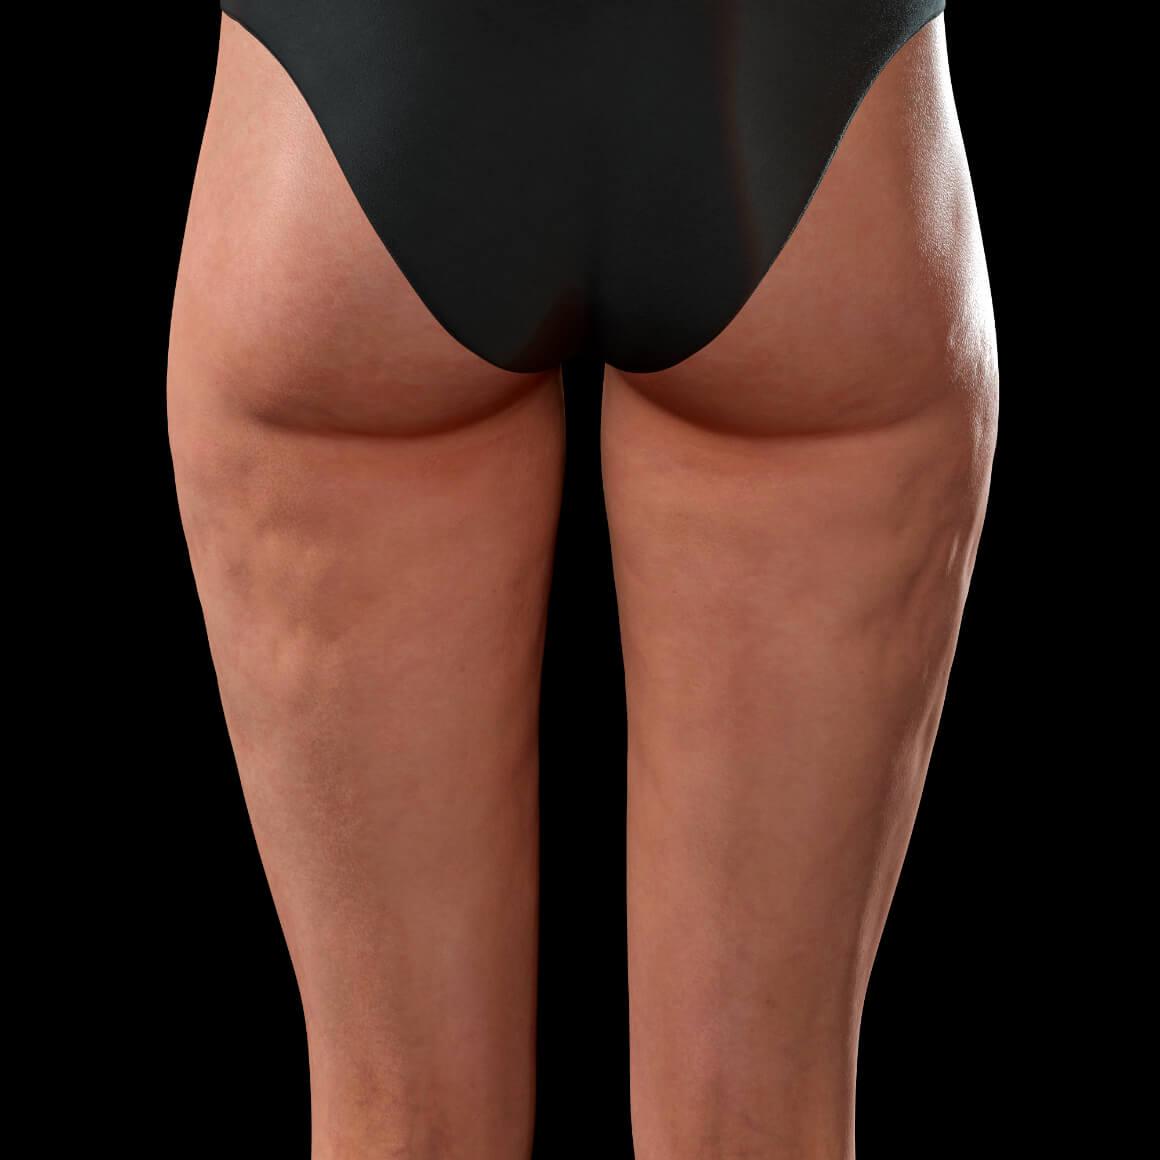 Cuisses postérieures d'une patiente de la Clinique Chloé démontrant de la cellulite